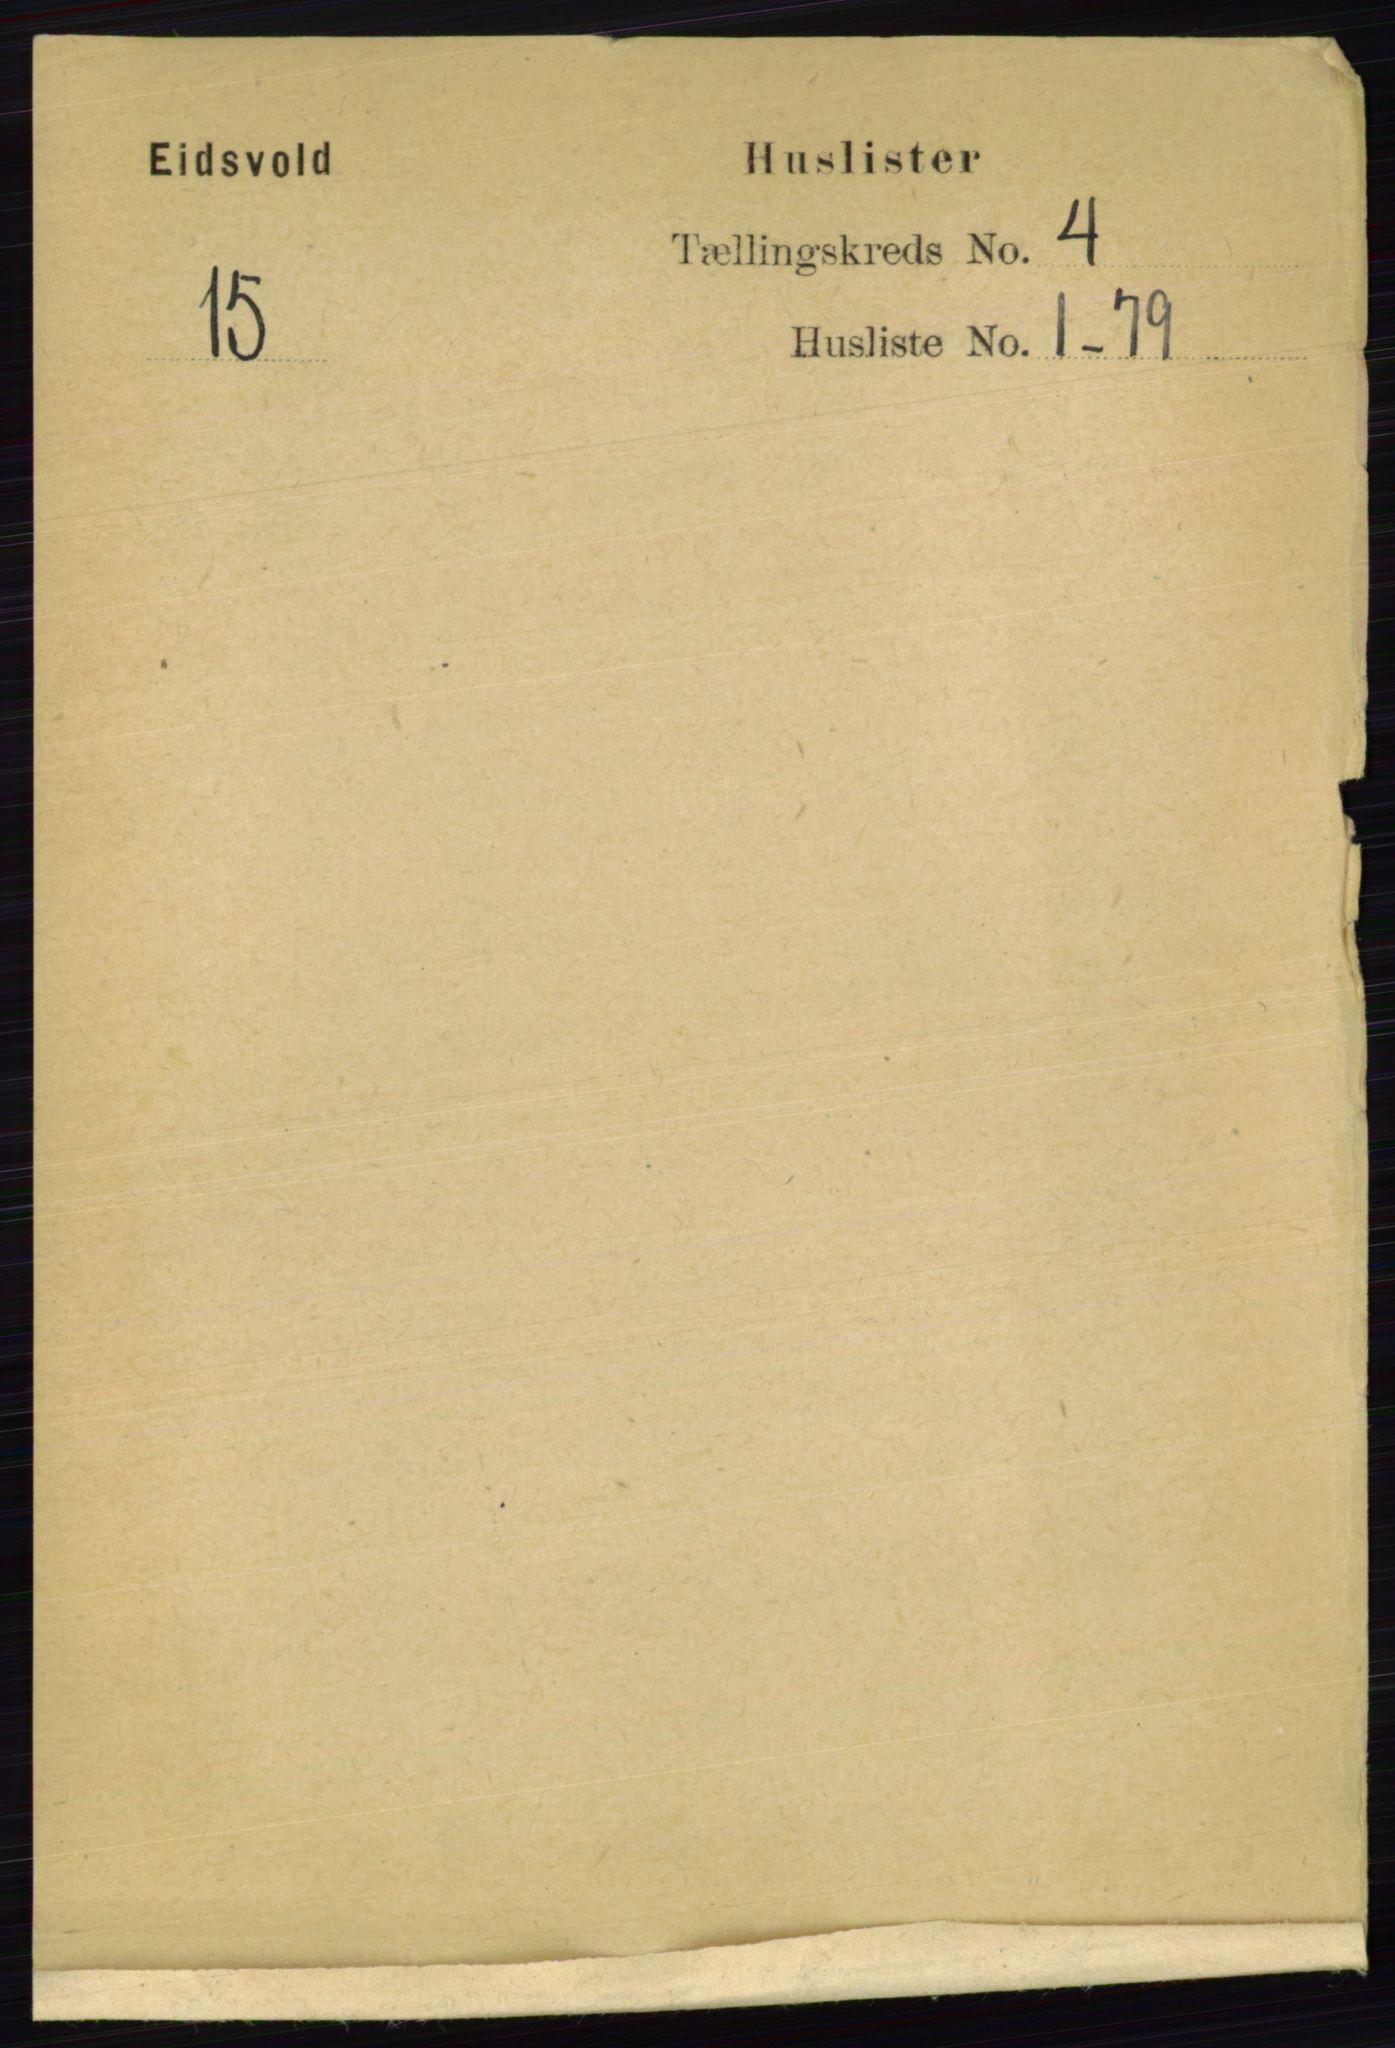 RA, Folketelling 1891 for 0237 Eidsvoll herred, 1891, s. 2036